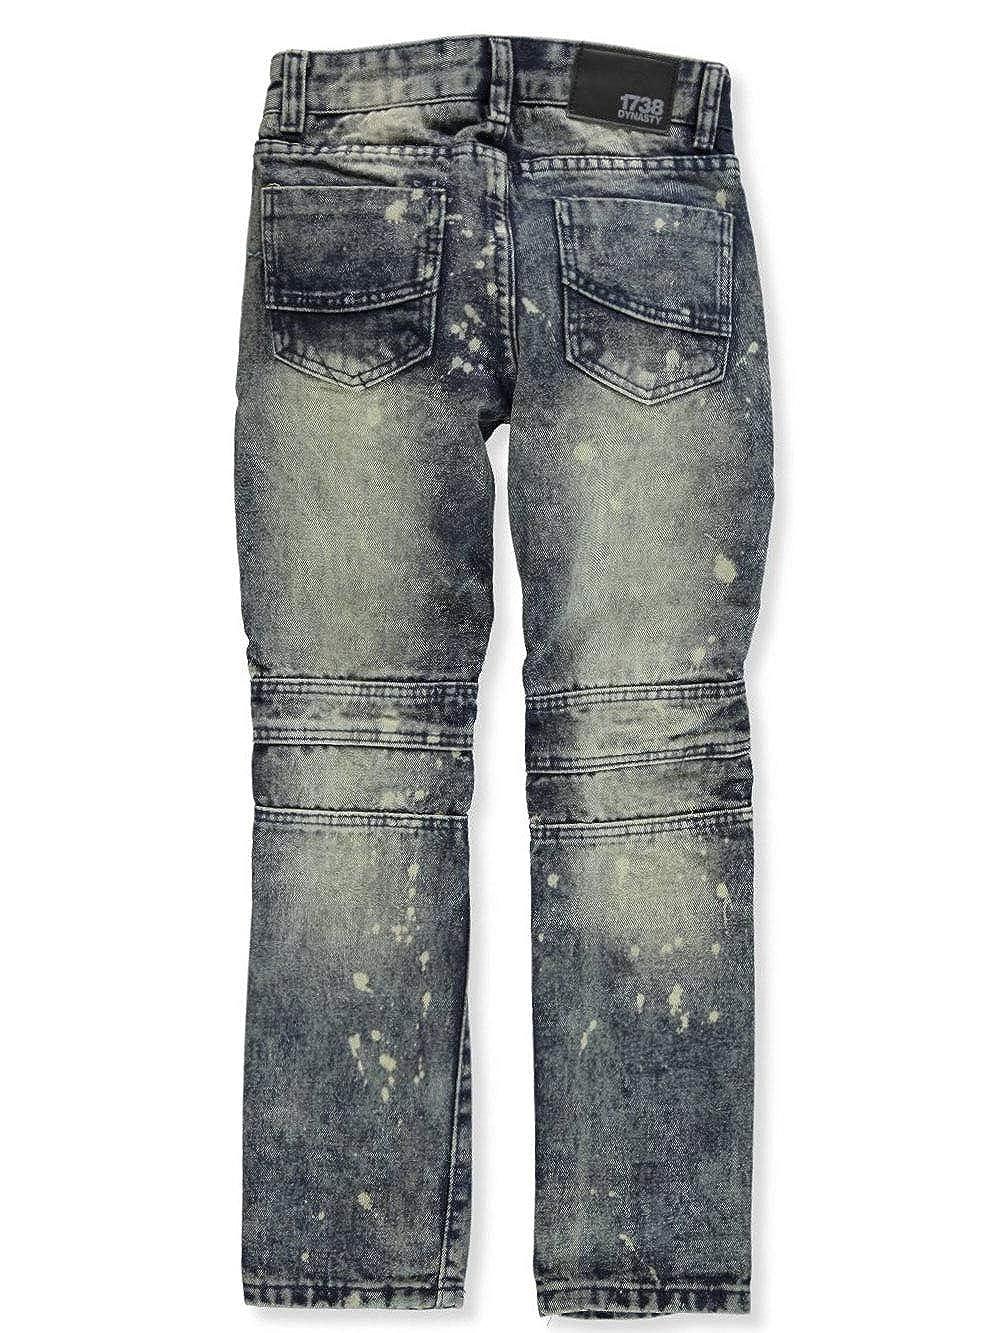 1738 Dynasty Boys Jeans